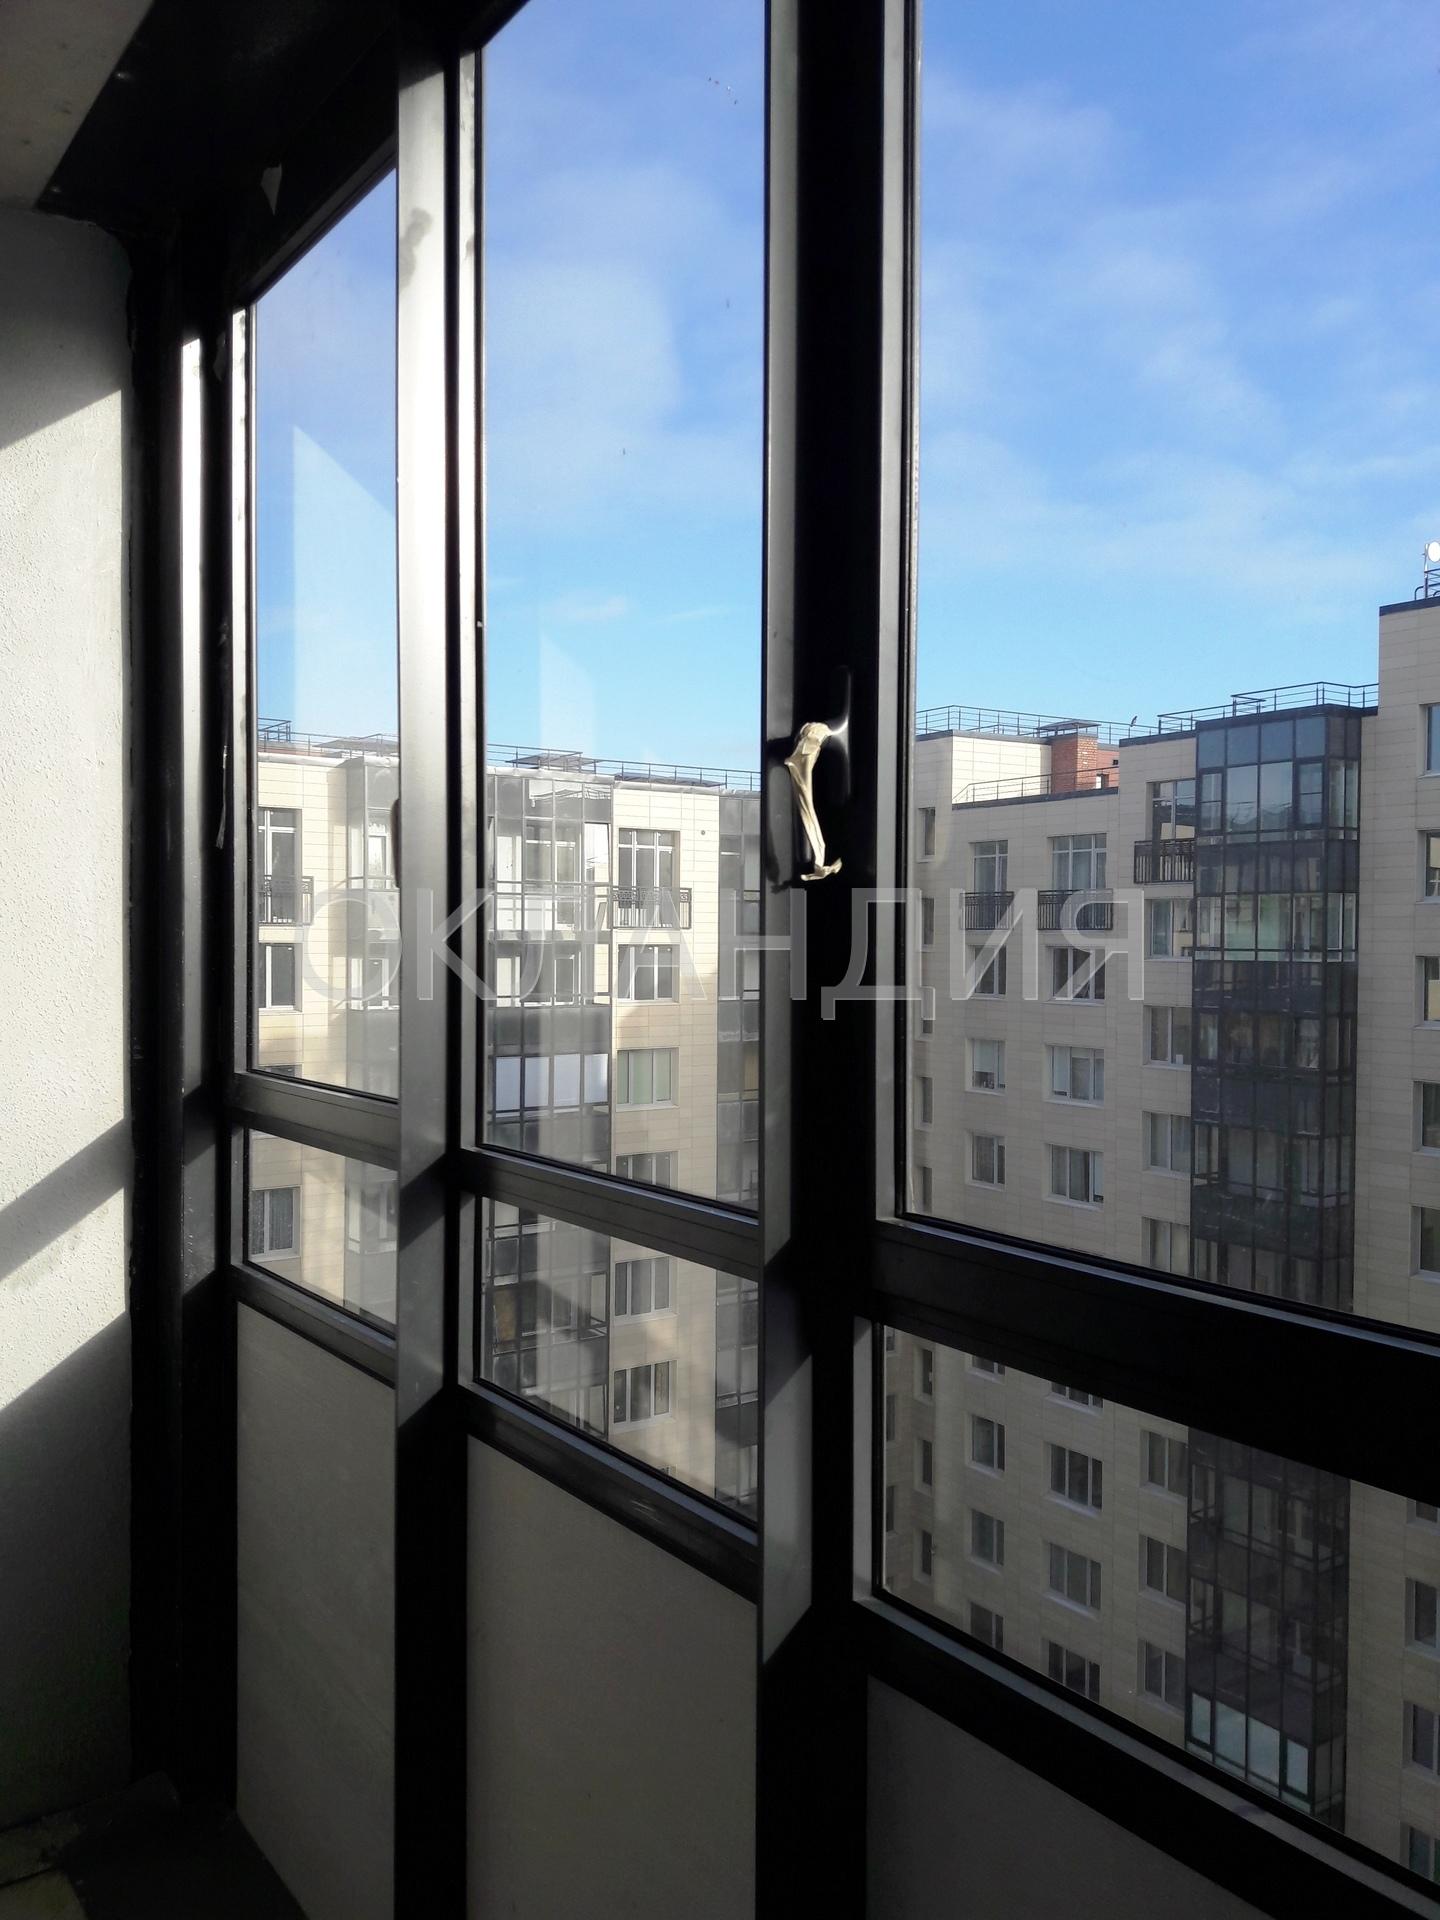 Жк дом на выборгской, 5 - остекление фасадов, замена холодно.